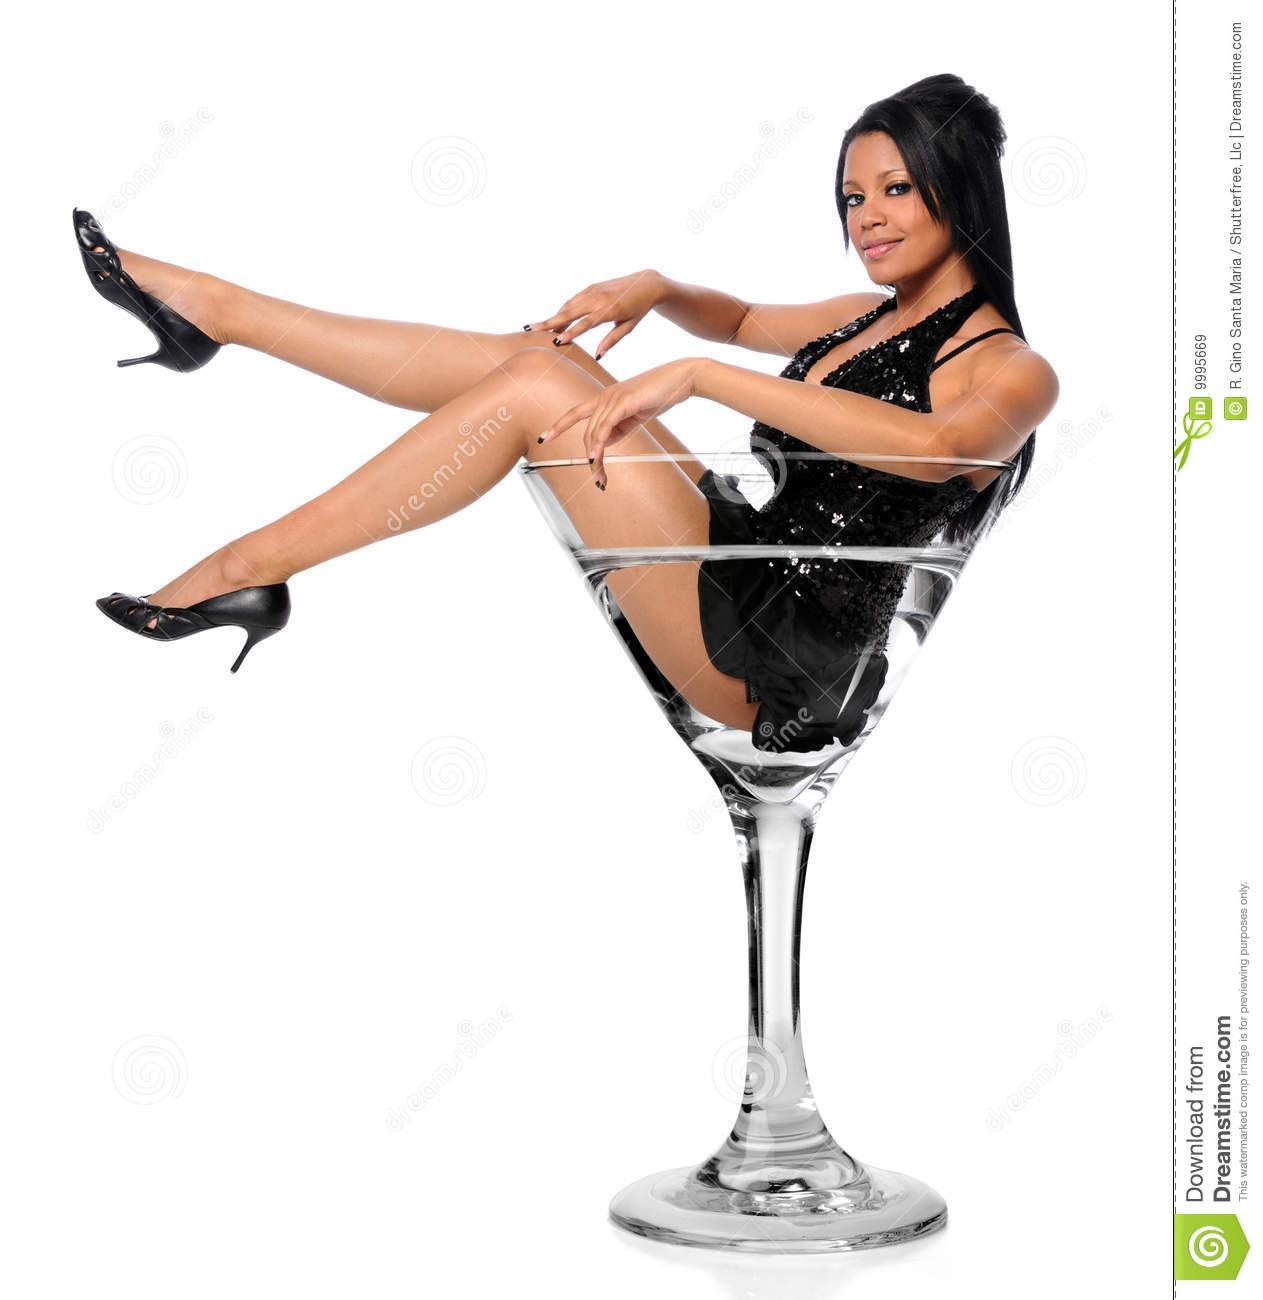 Frau im cocktailglas clipart free stock Frau im cocktailglas clipart - ClipartFest free stock